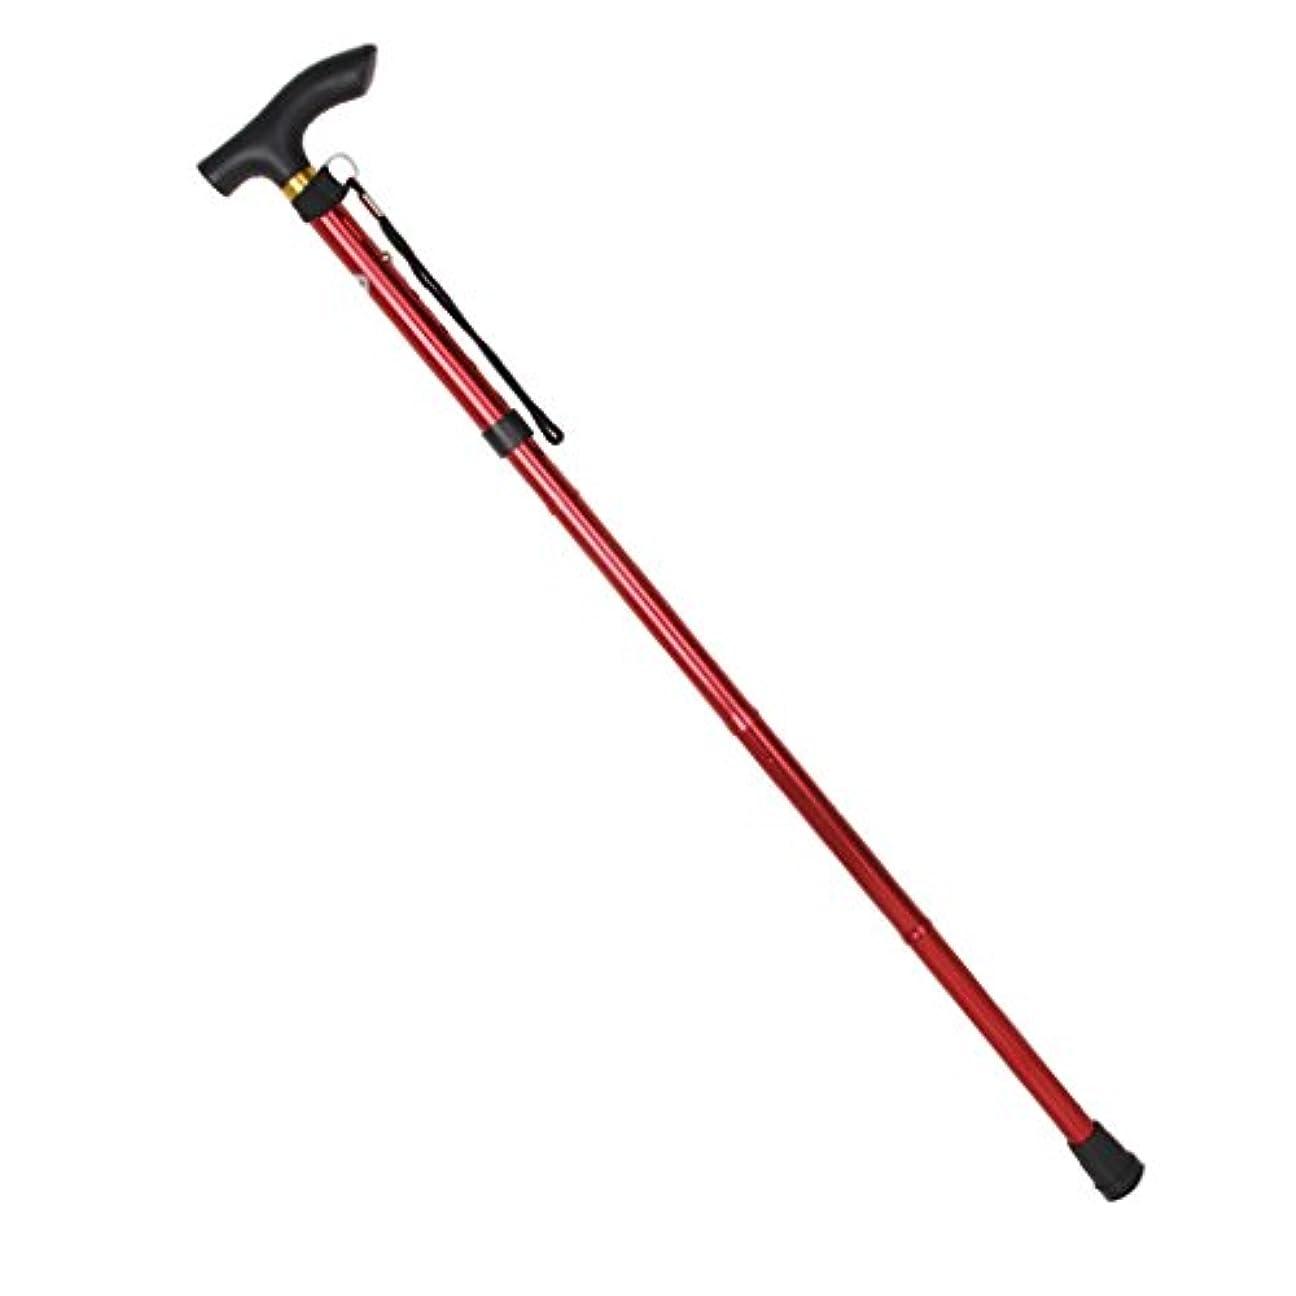 寓話綺麗なマーキーKOZEEYトレッキング ウォーキング ハイキング スティック ポール 調整可能 アンチショック 登山杖 赤